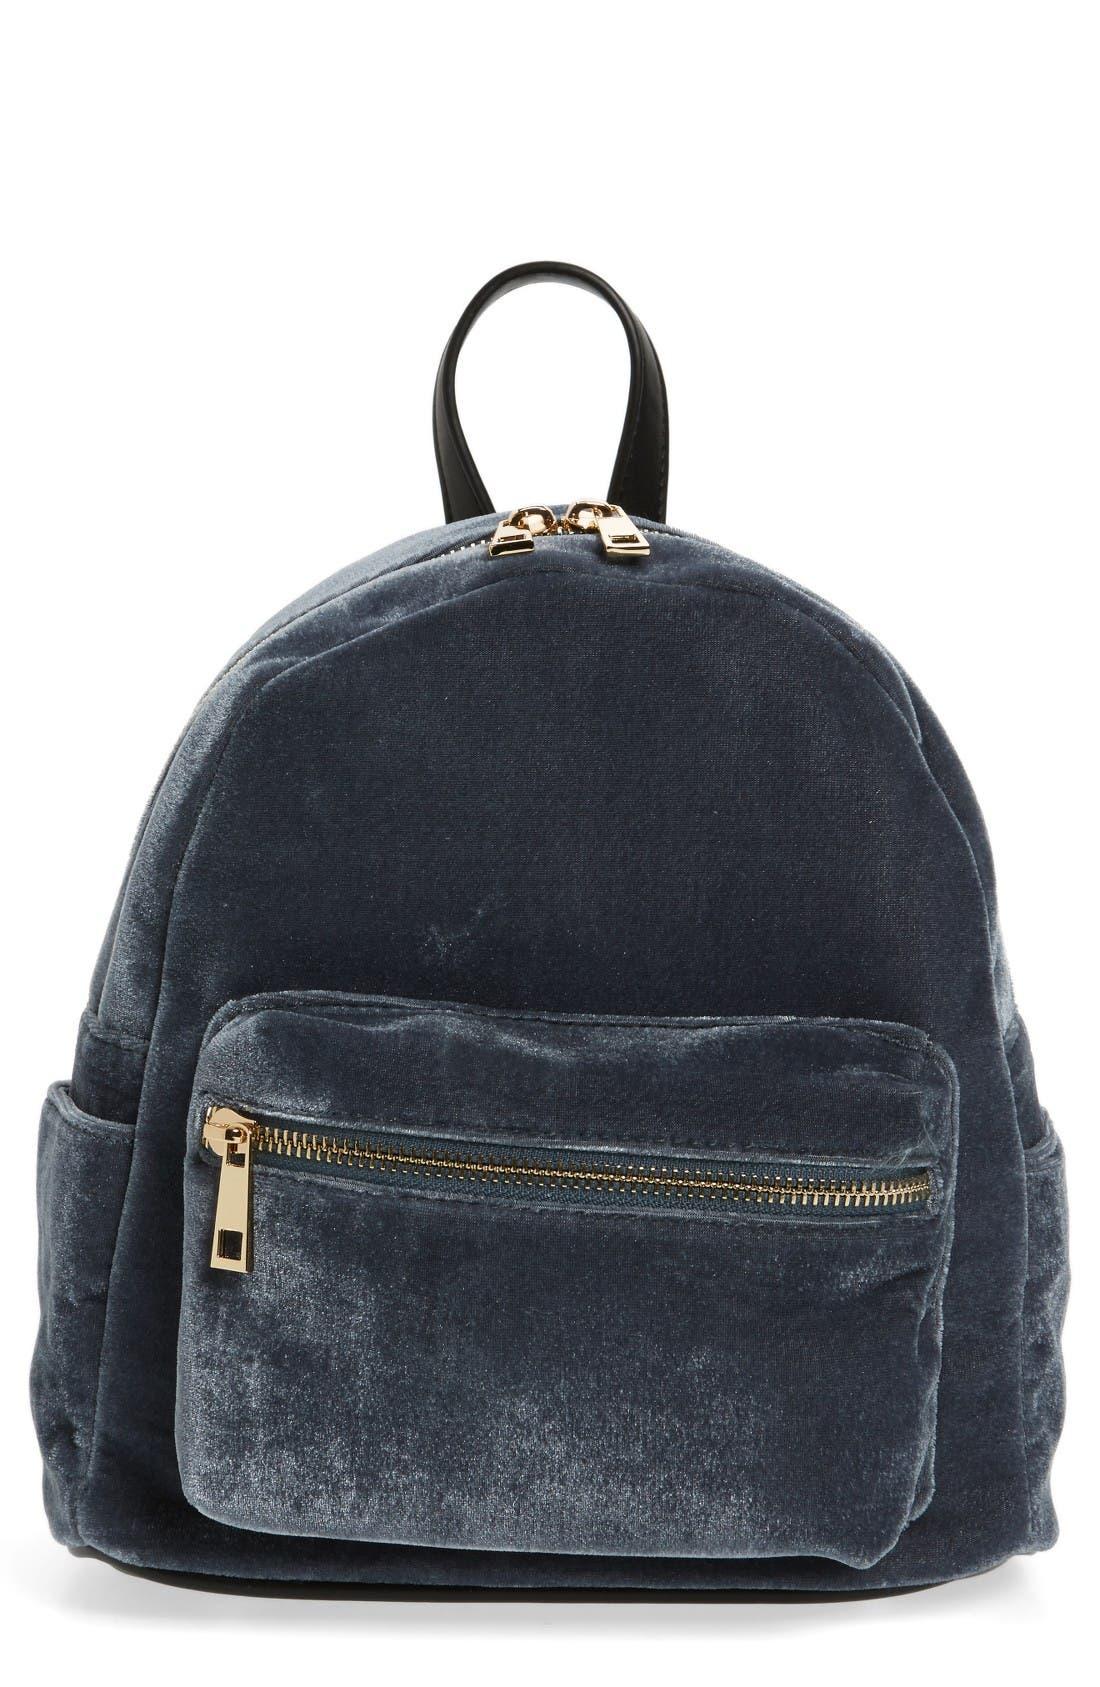 Alternate Image 1 Selected - BP. Mini Velvet Backpack